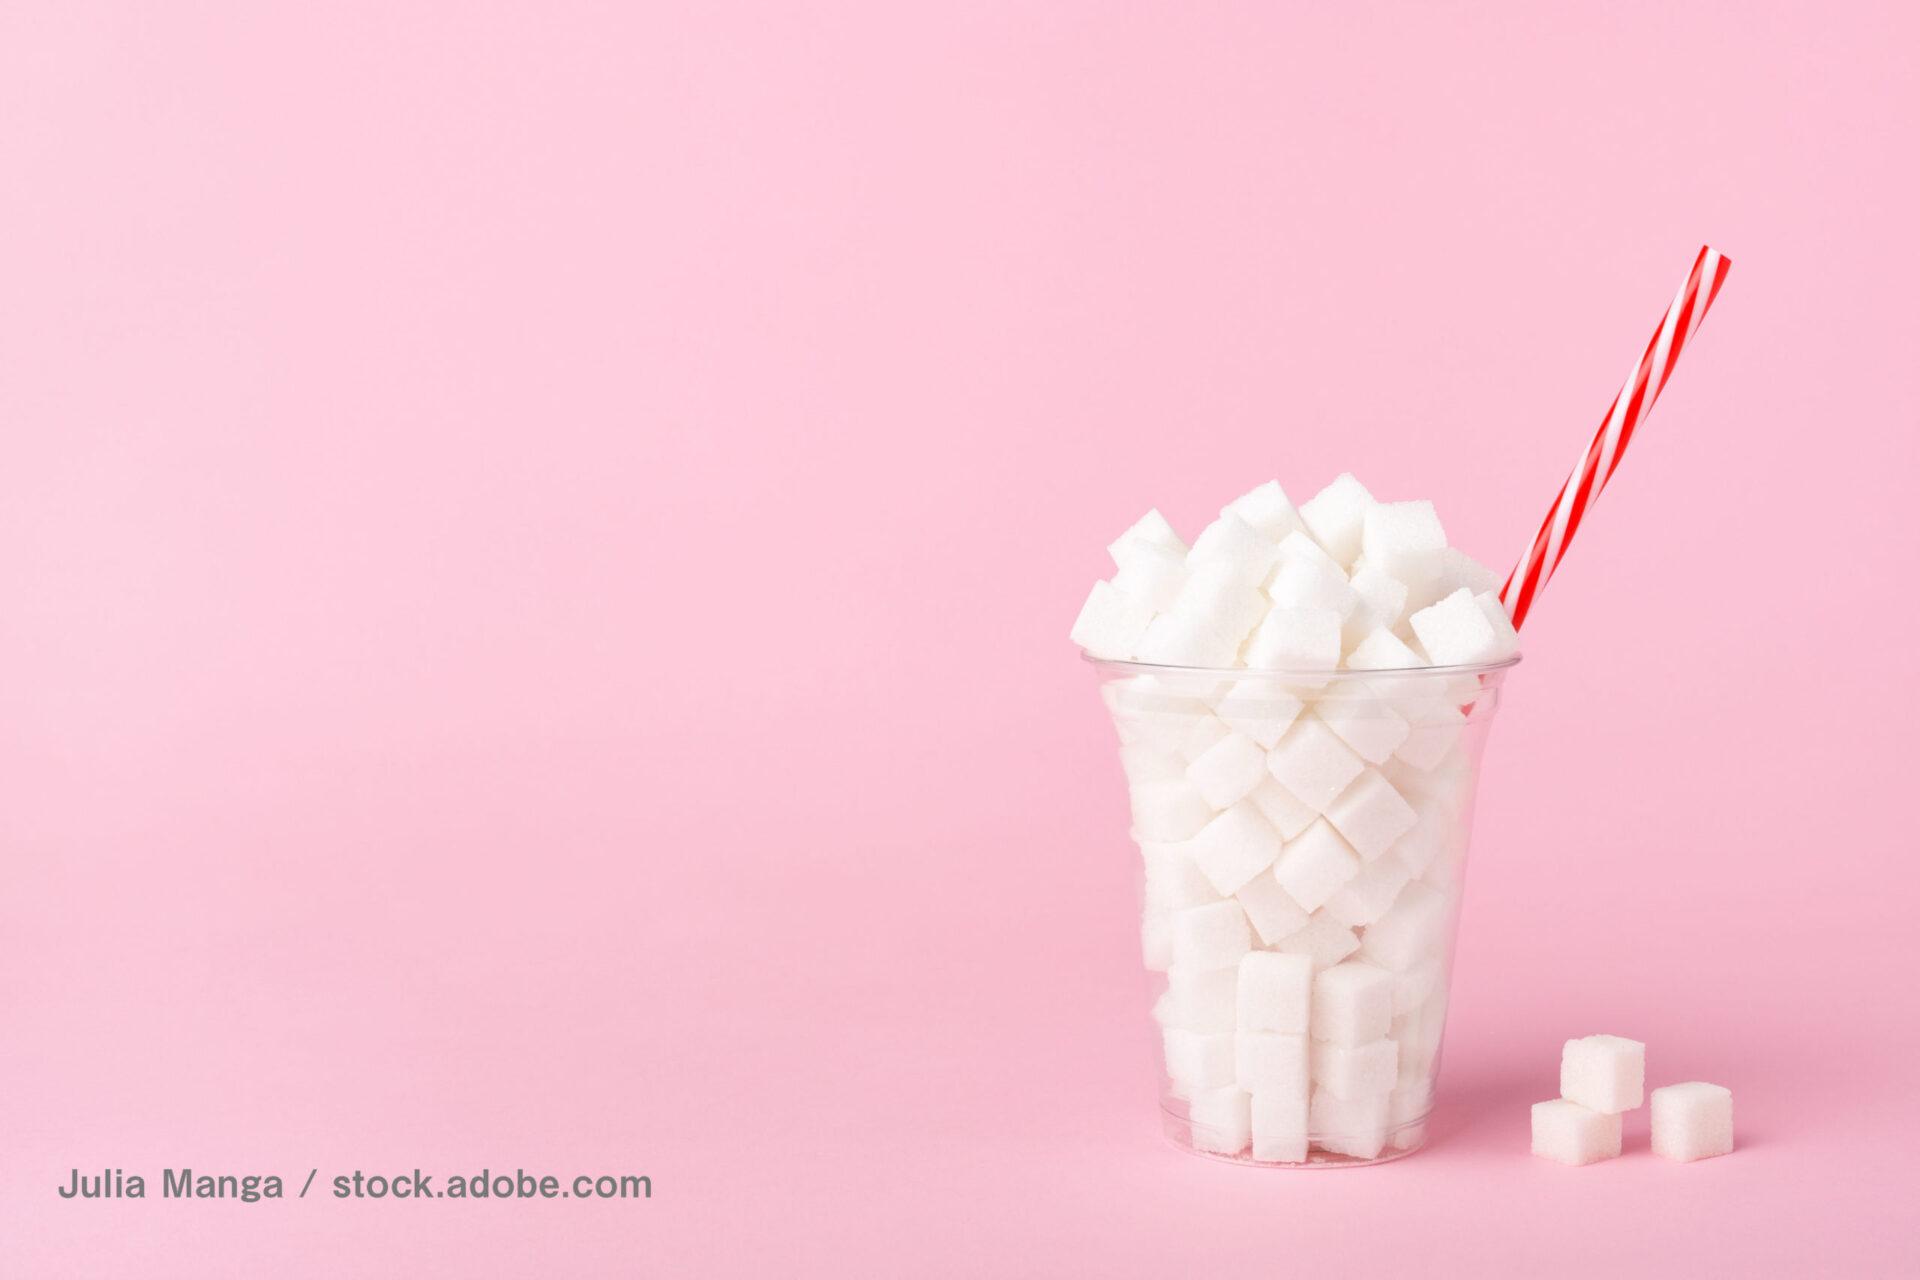 精子と卵子の質が下がる本当の原因 砂糖入り清涼飲料水は絶対ダメ!